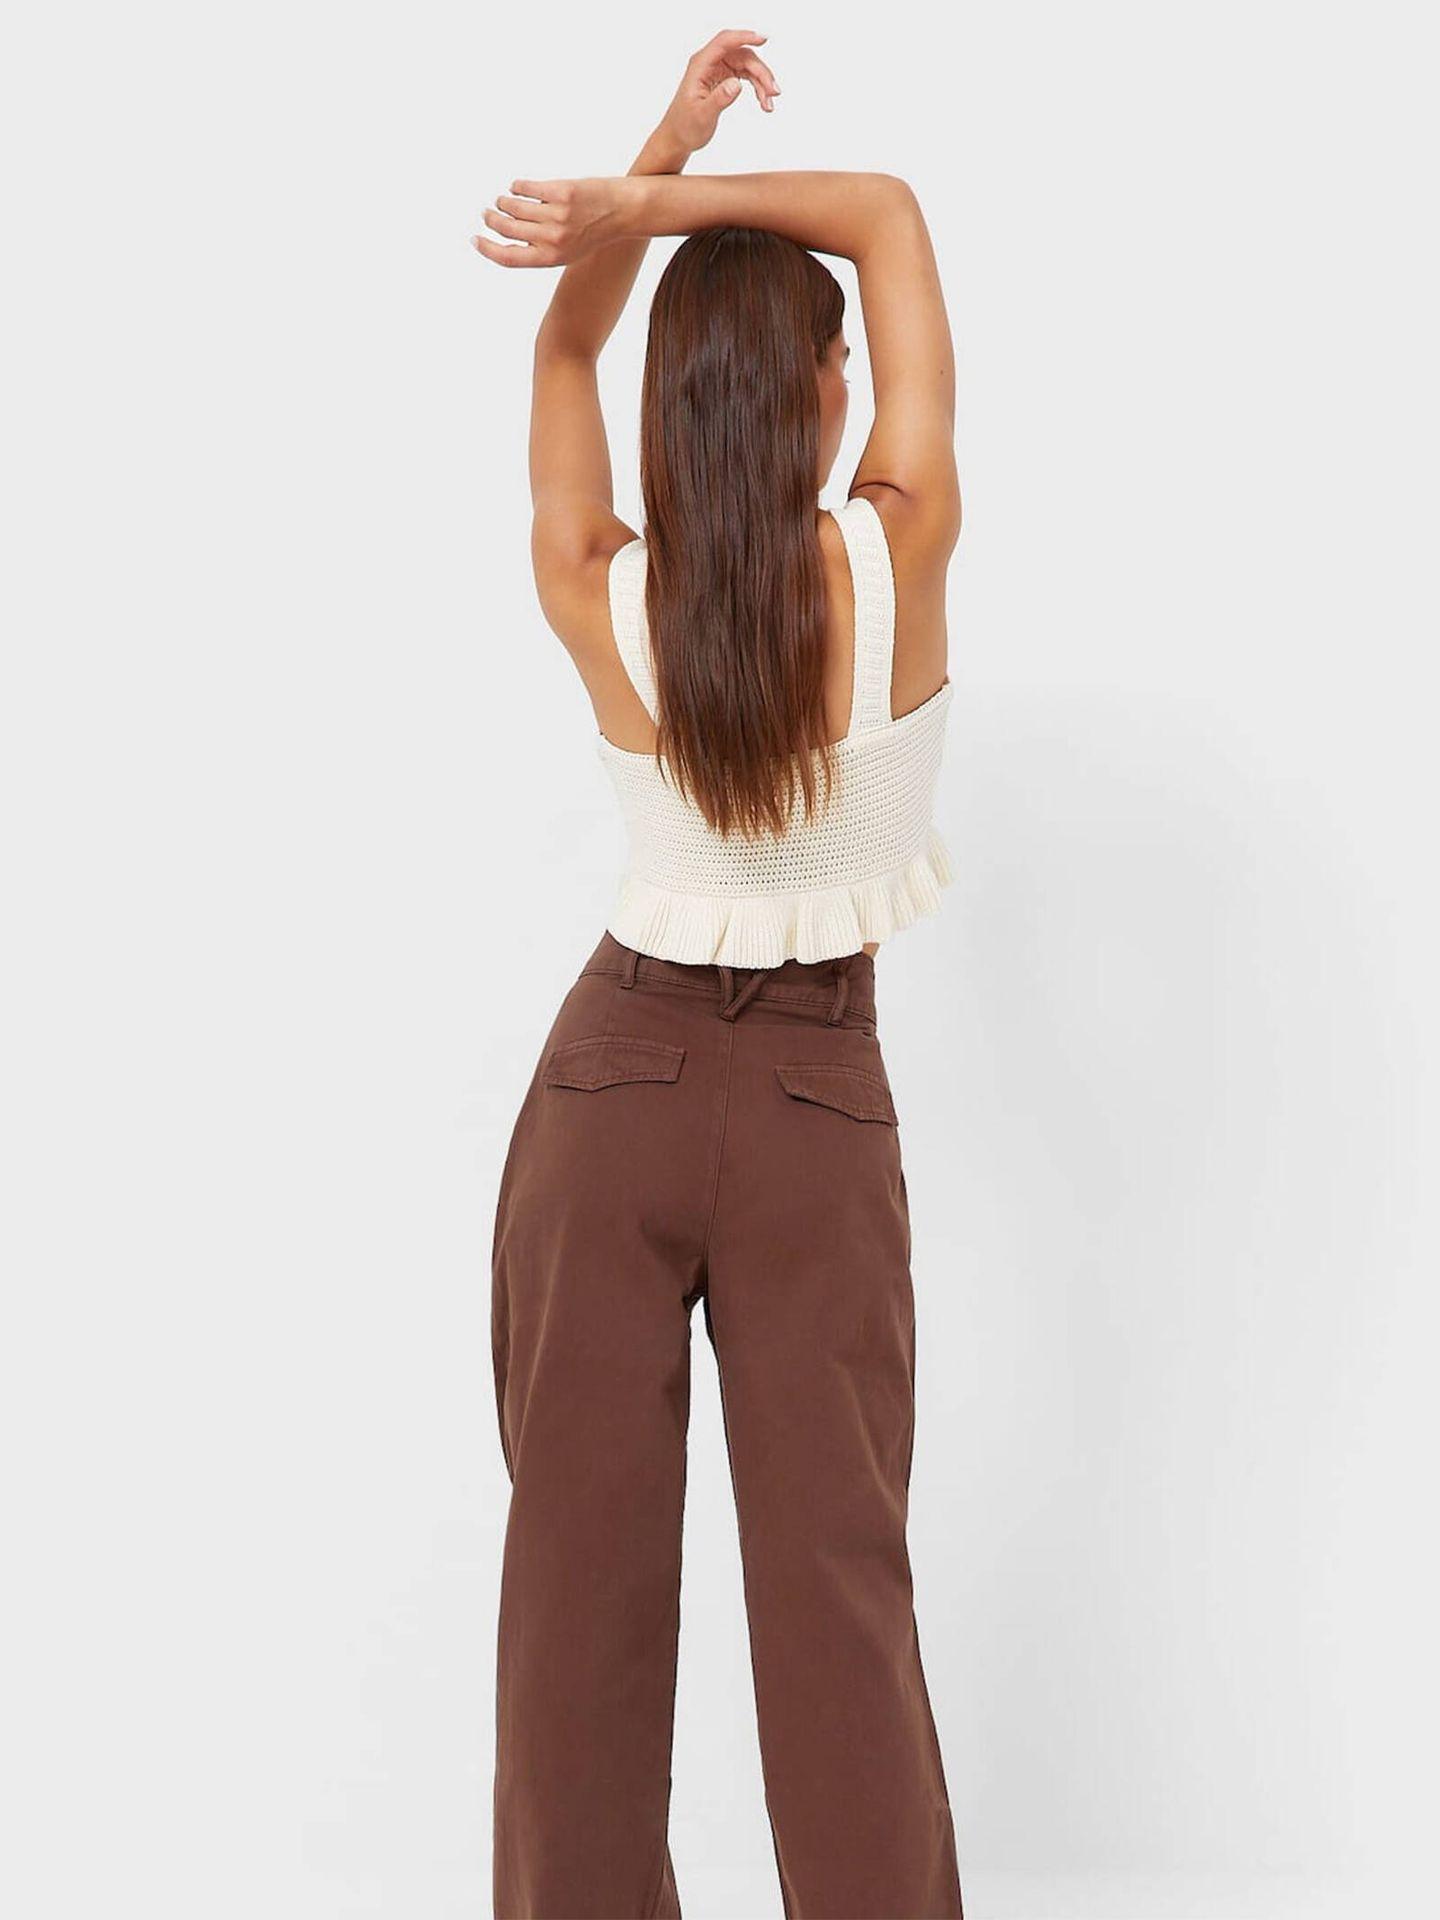 El pantalón de Stradivarius que necesitas en tu armario porque es un diez. (Cortesía)